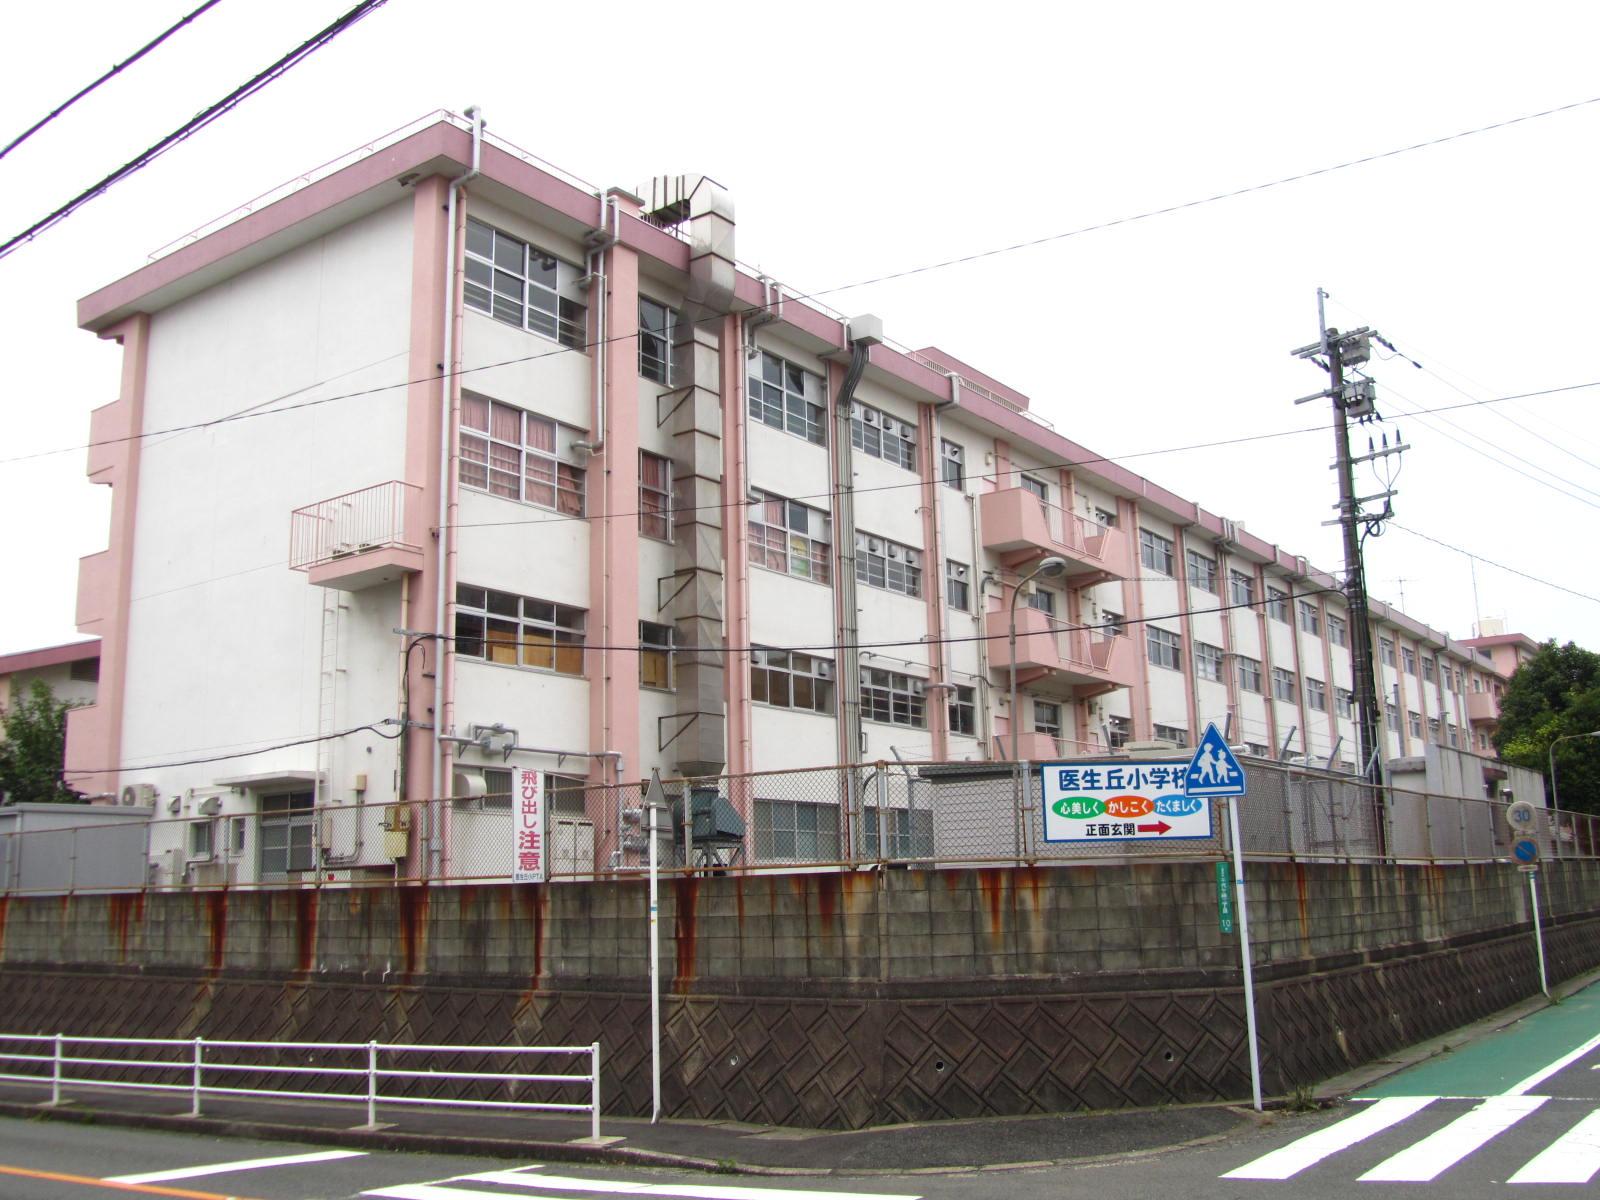 小学校:北九州市立医生丘小学校 449m